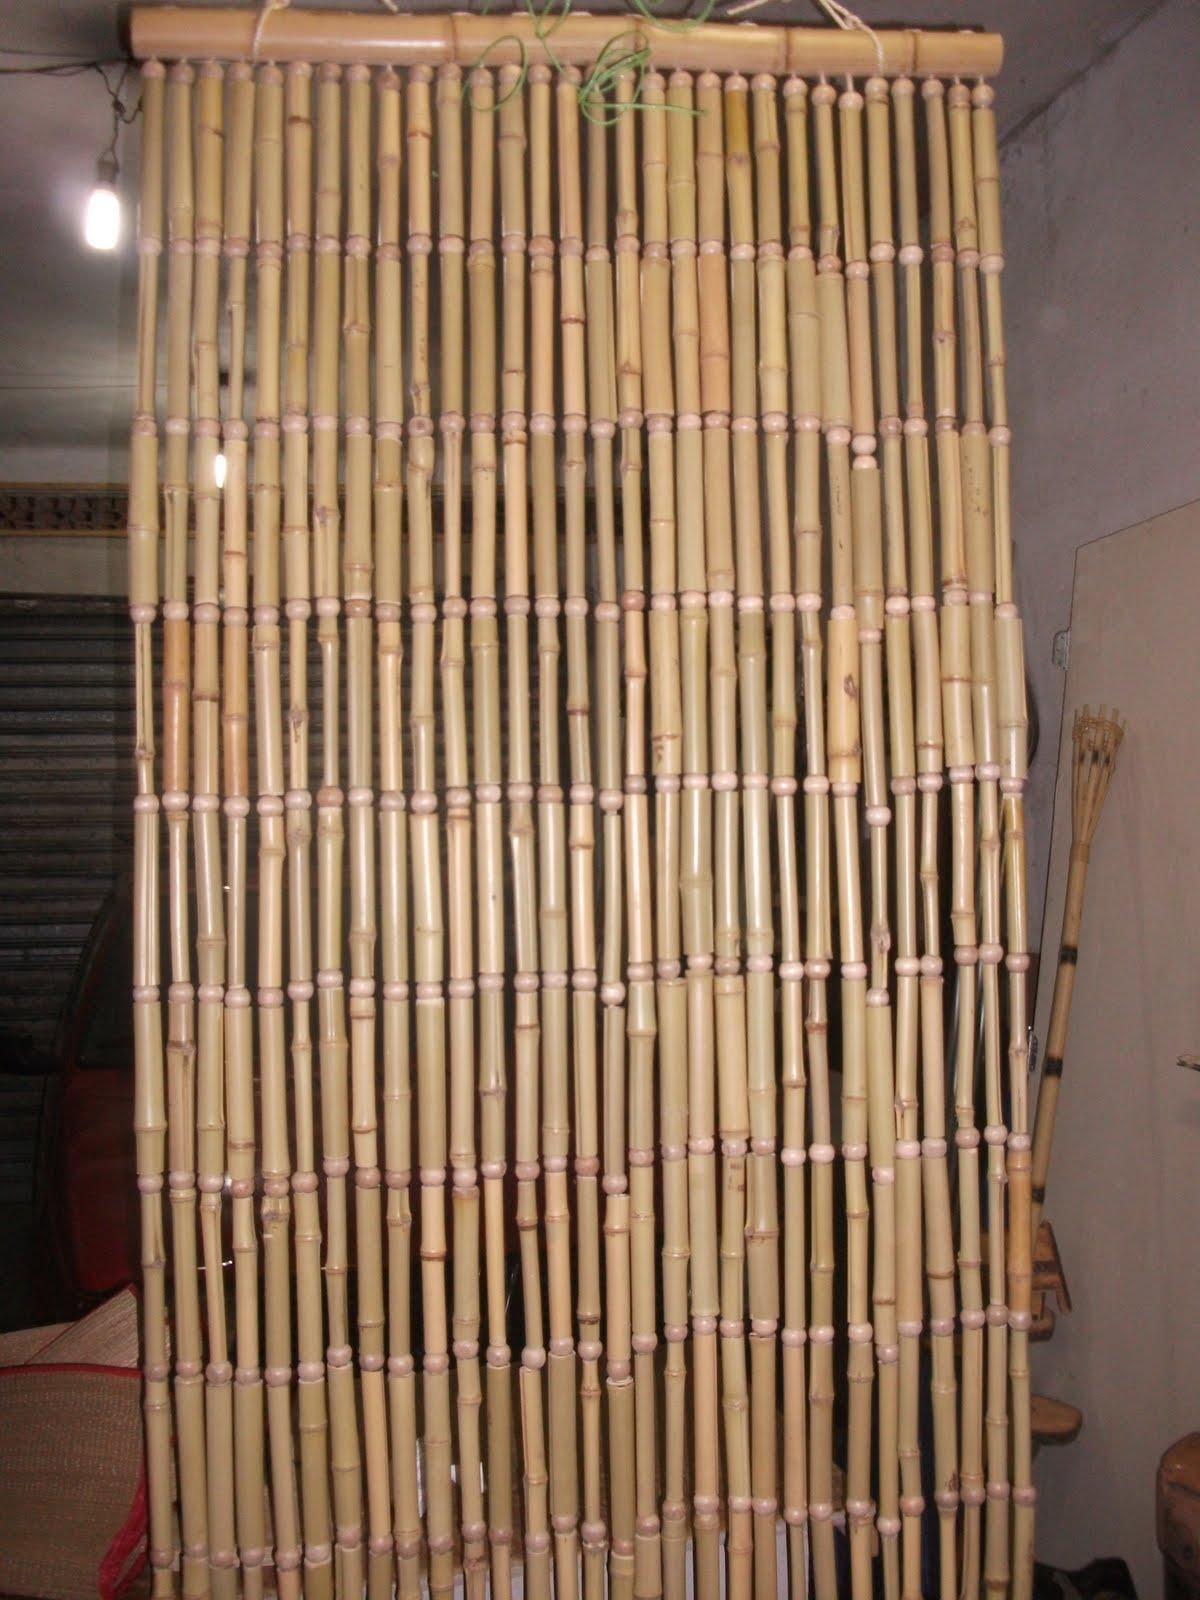 Cortinas de bambu um tem decorativo interessante  Moda